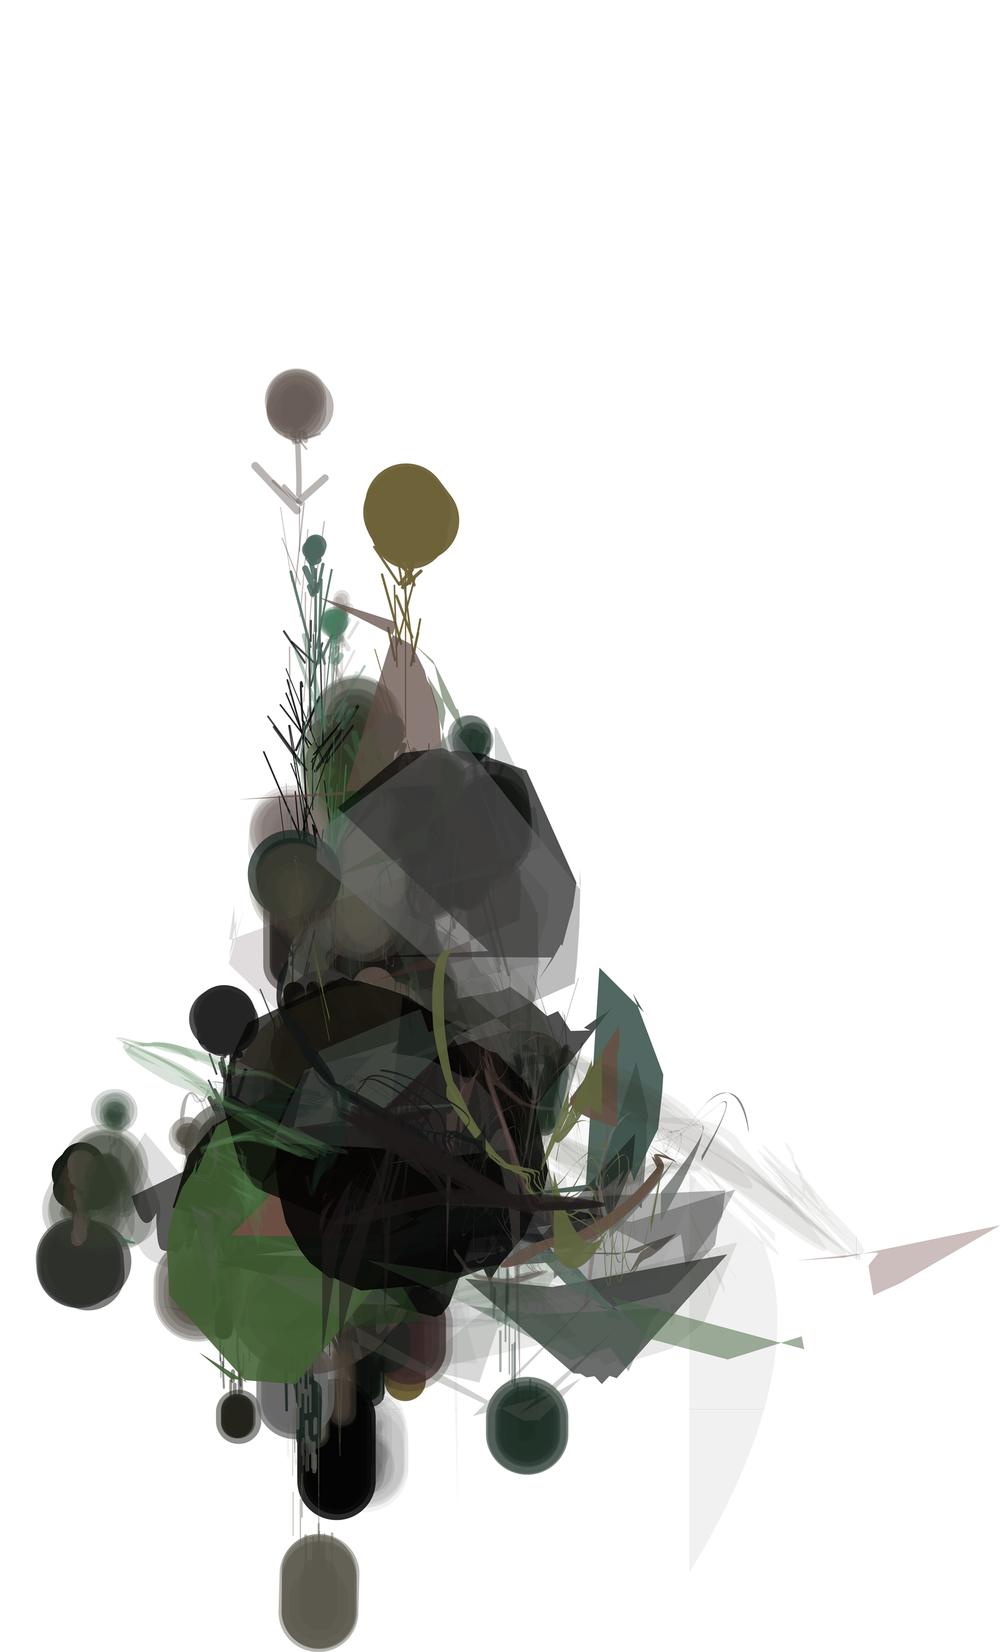 11_2.jpg